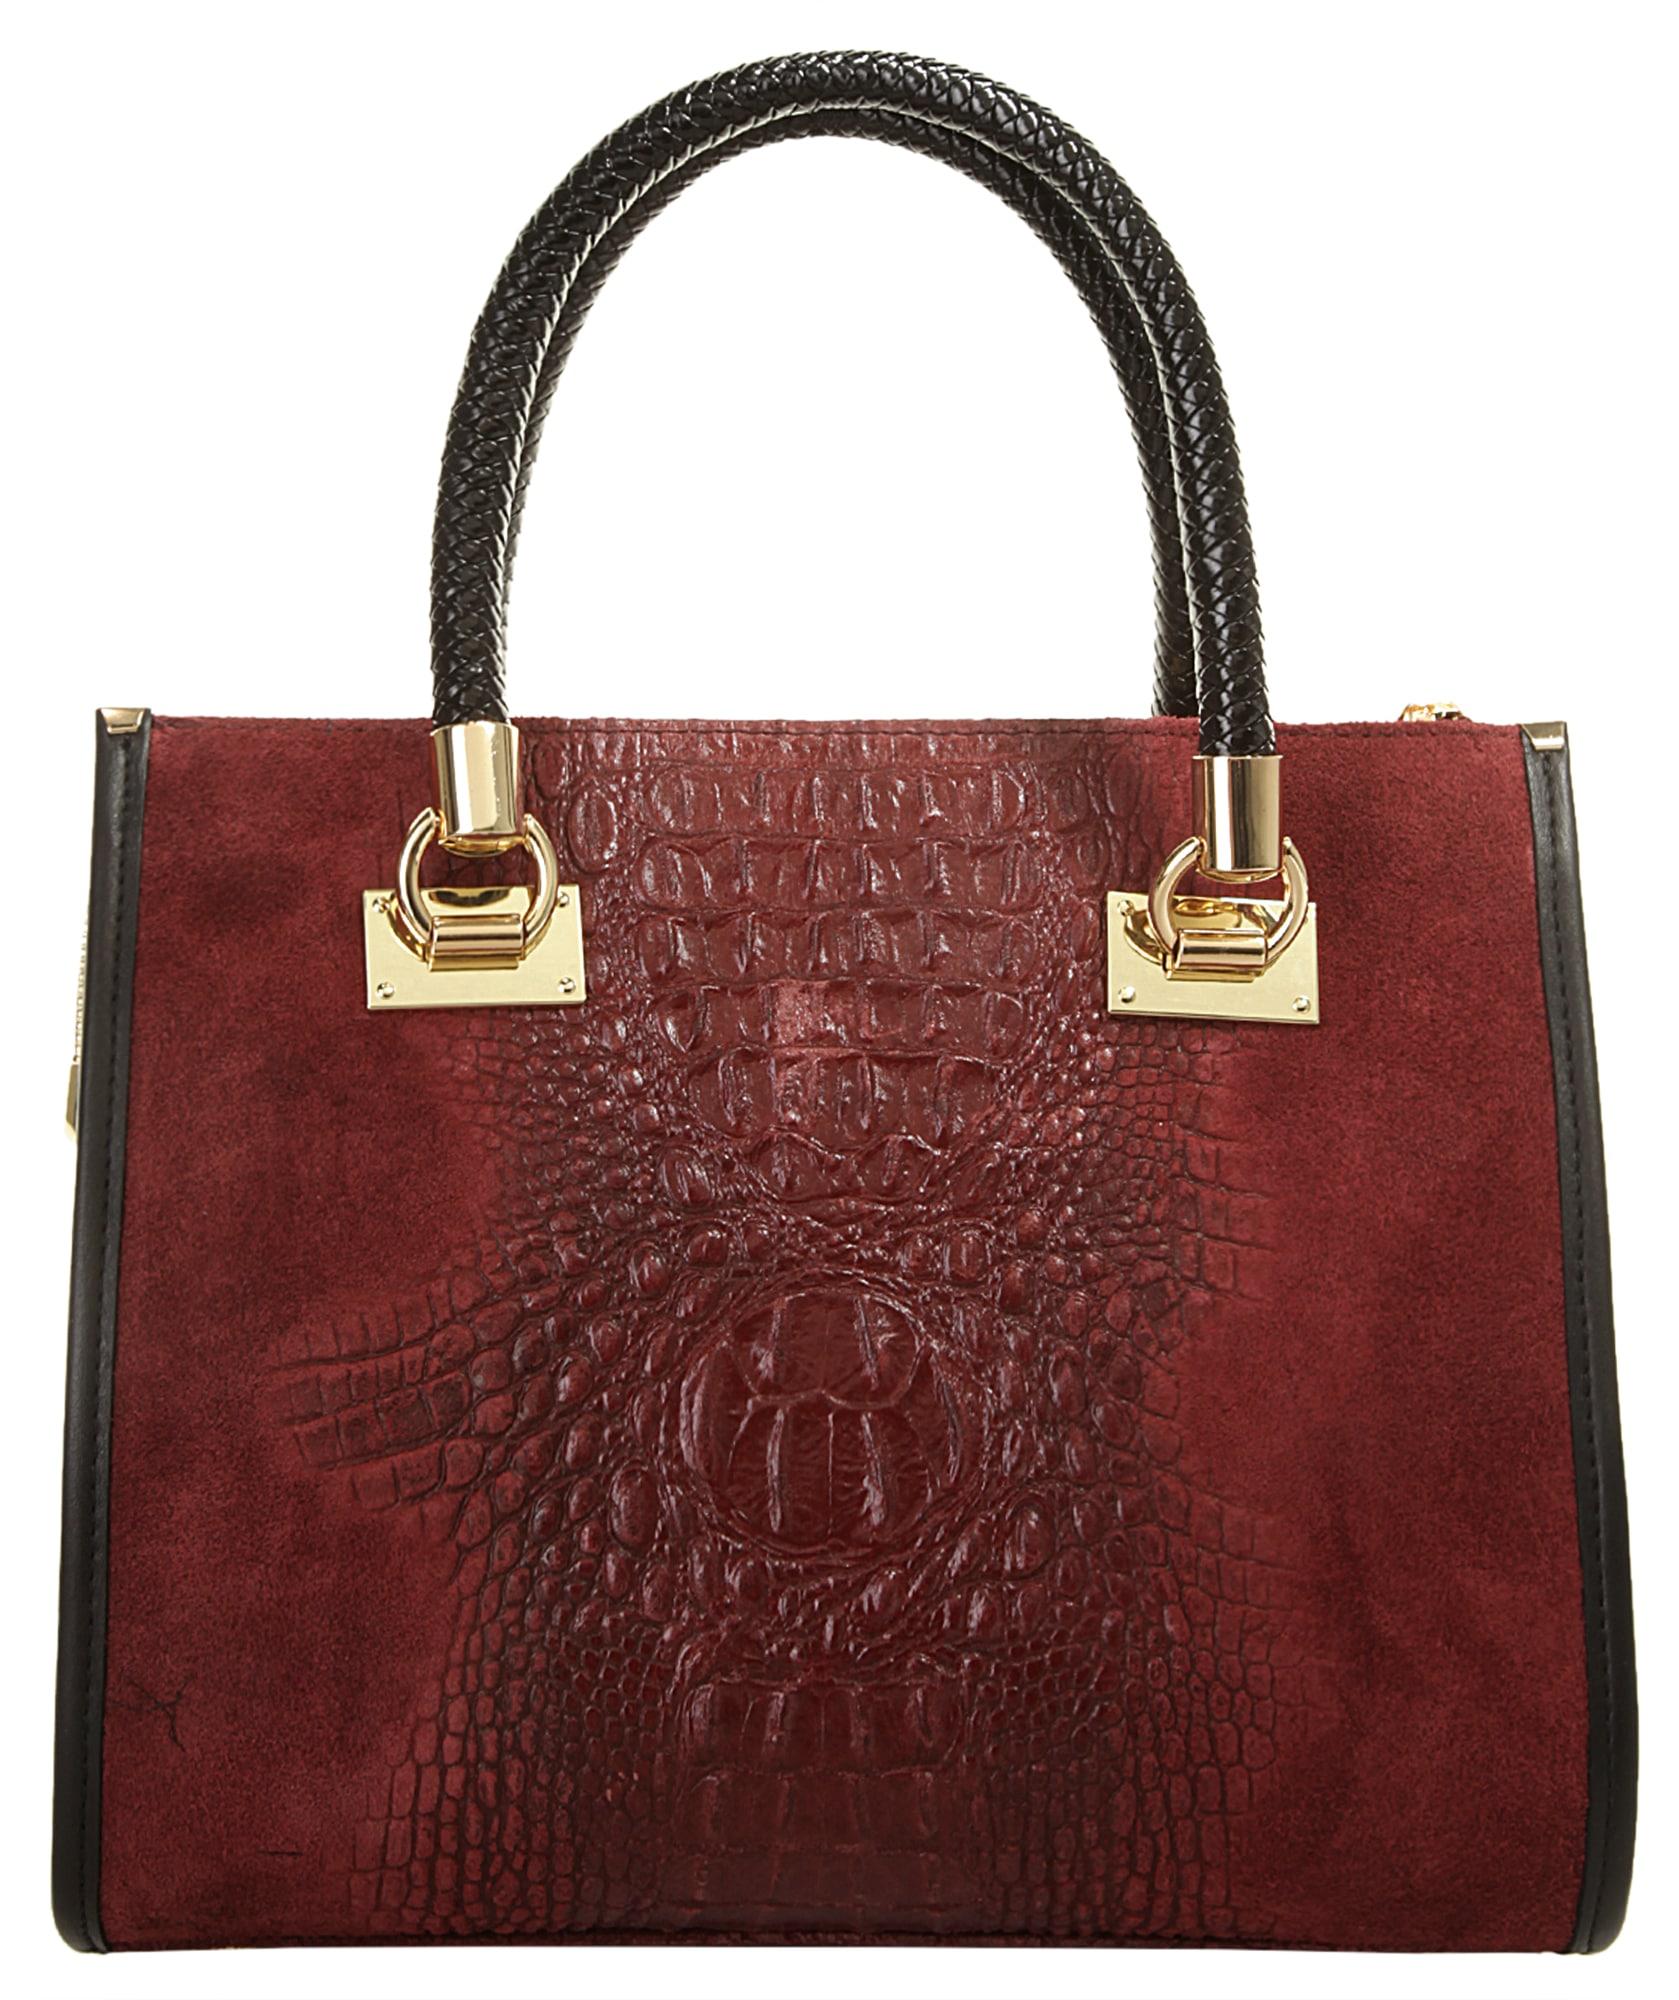 Cluty Henkeltasche   Taschen > Handtaschen > Henkeltaschen   Braun   Leder   Cluty